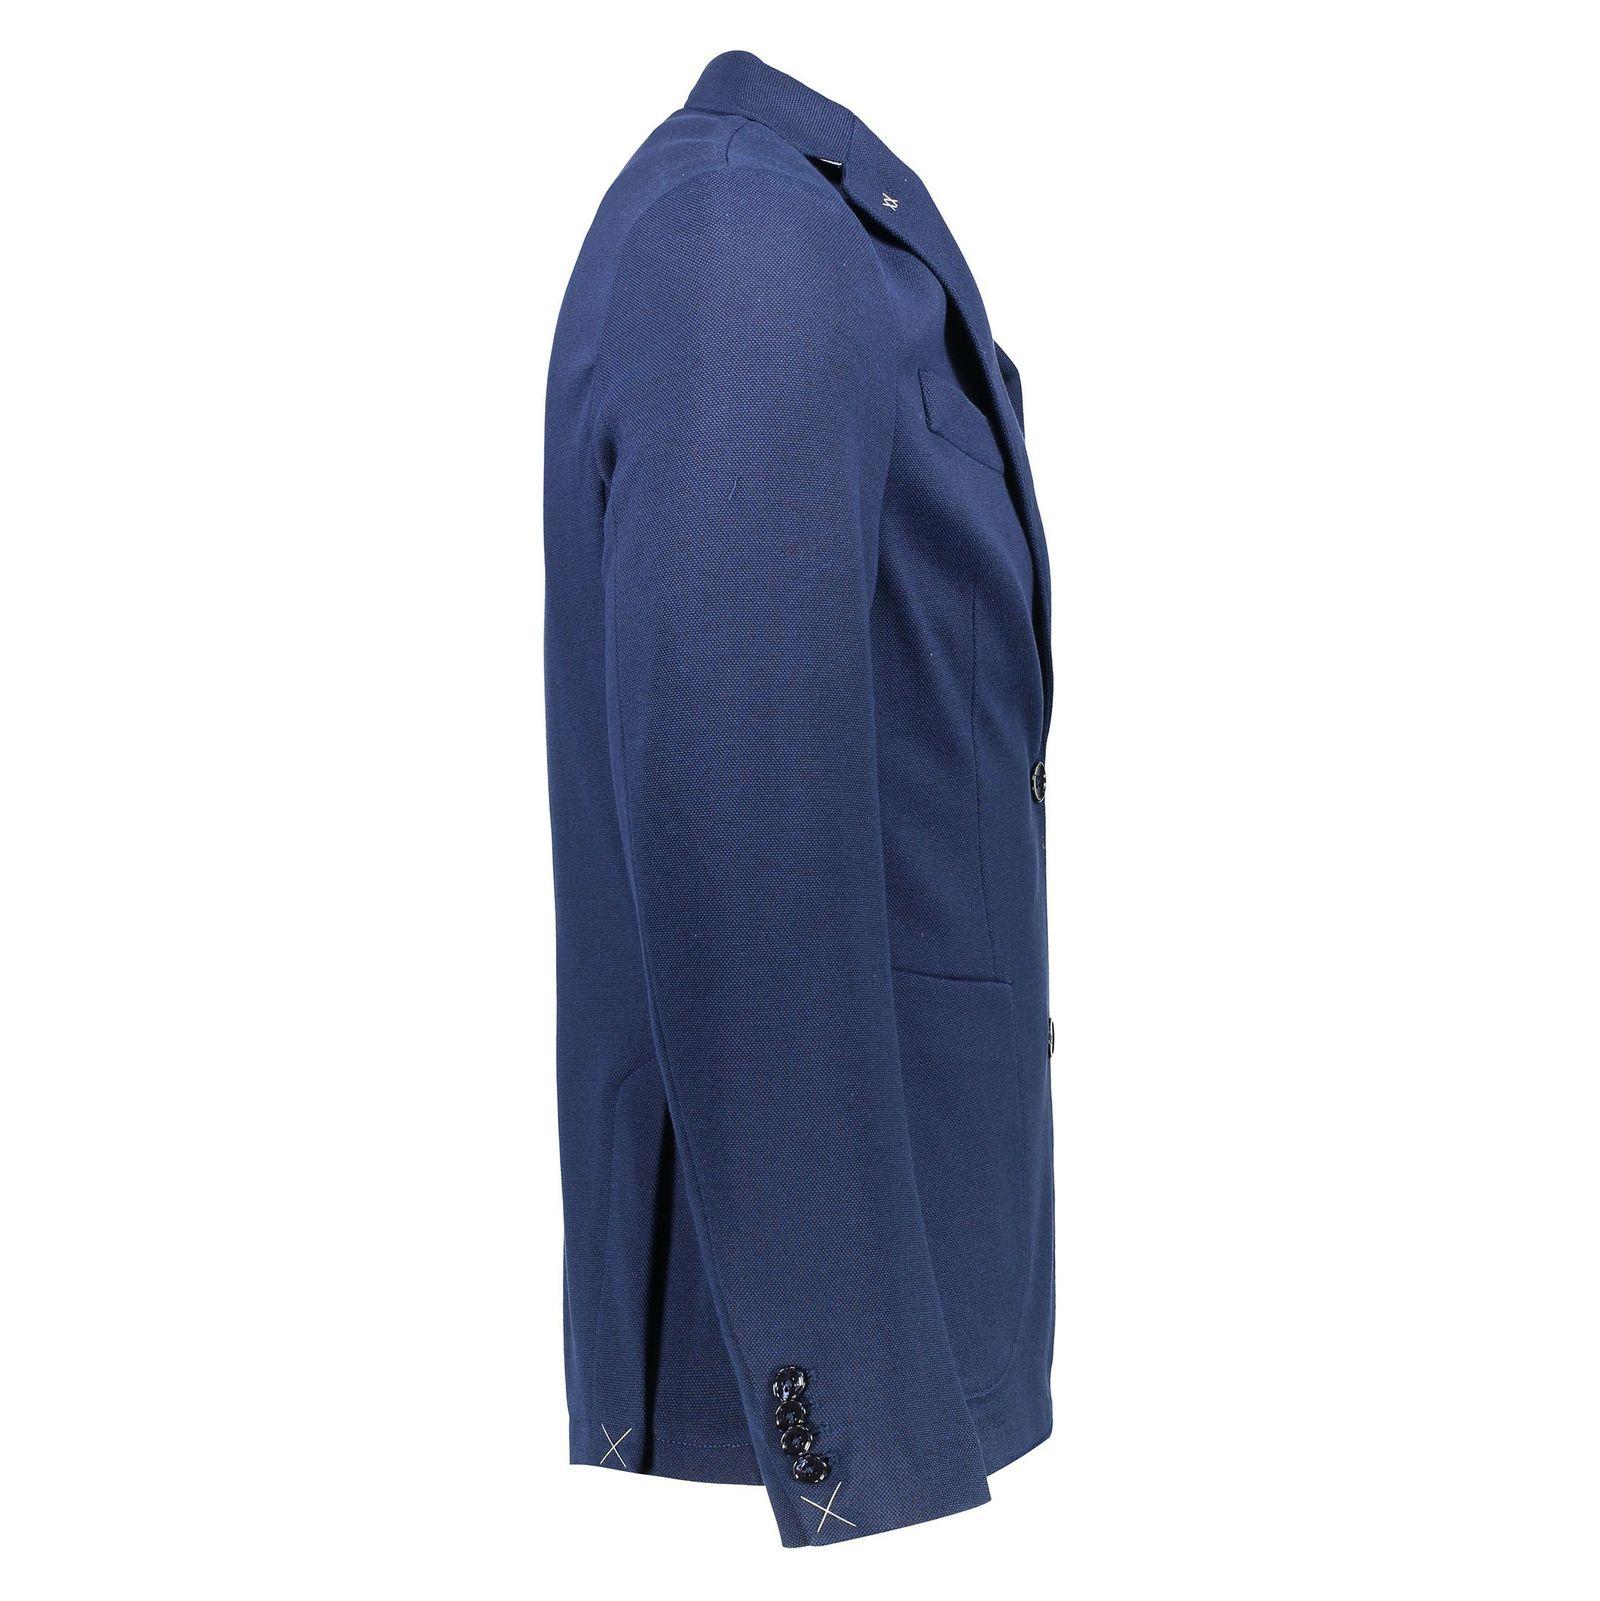 کت تک غیر رسمی نخی مردانه - مانگو - سرمه اي - 3